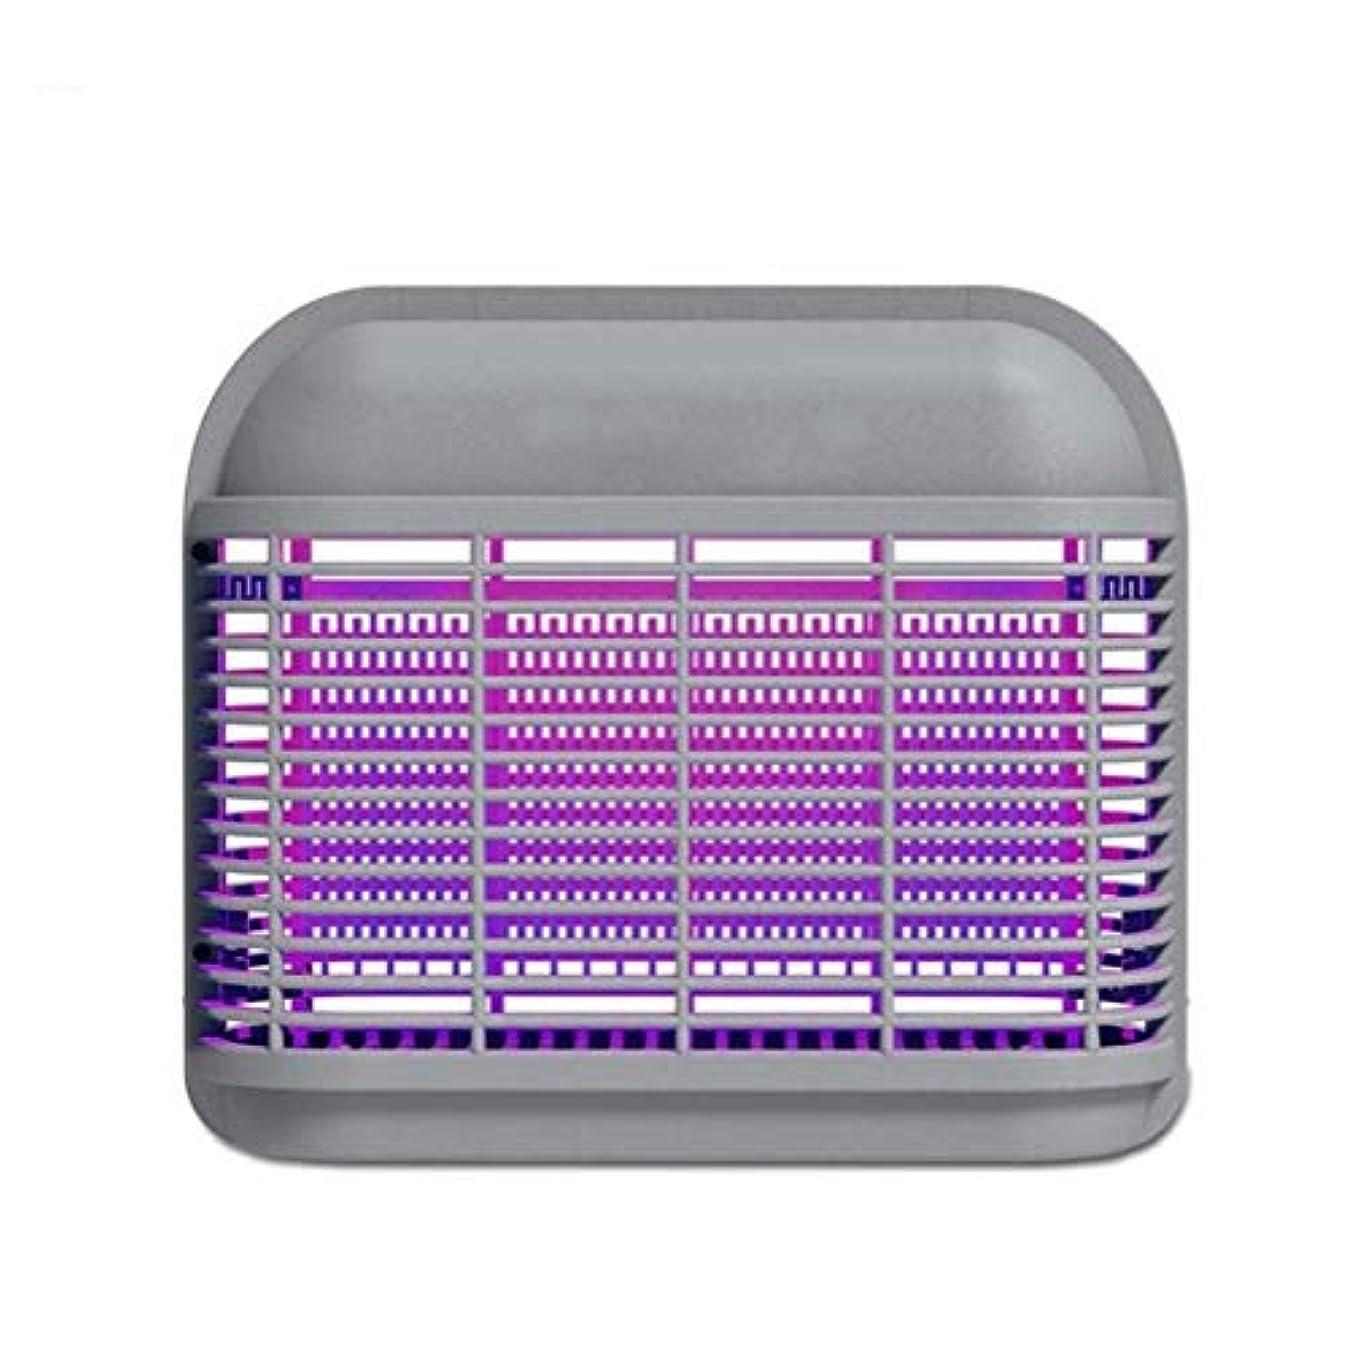 シェアばかげたランドマーク電子虫ザッパー屋内LED昆虫蚊キラーフライキラーペストコントローラー (色 : A)